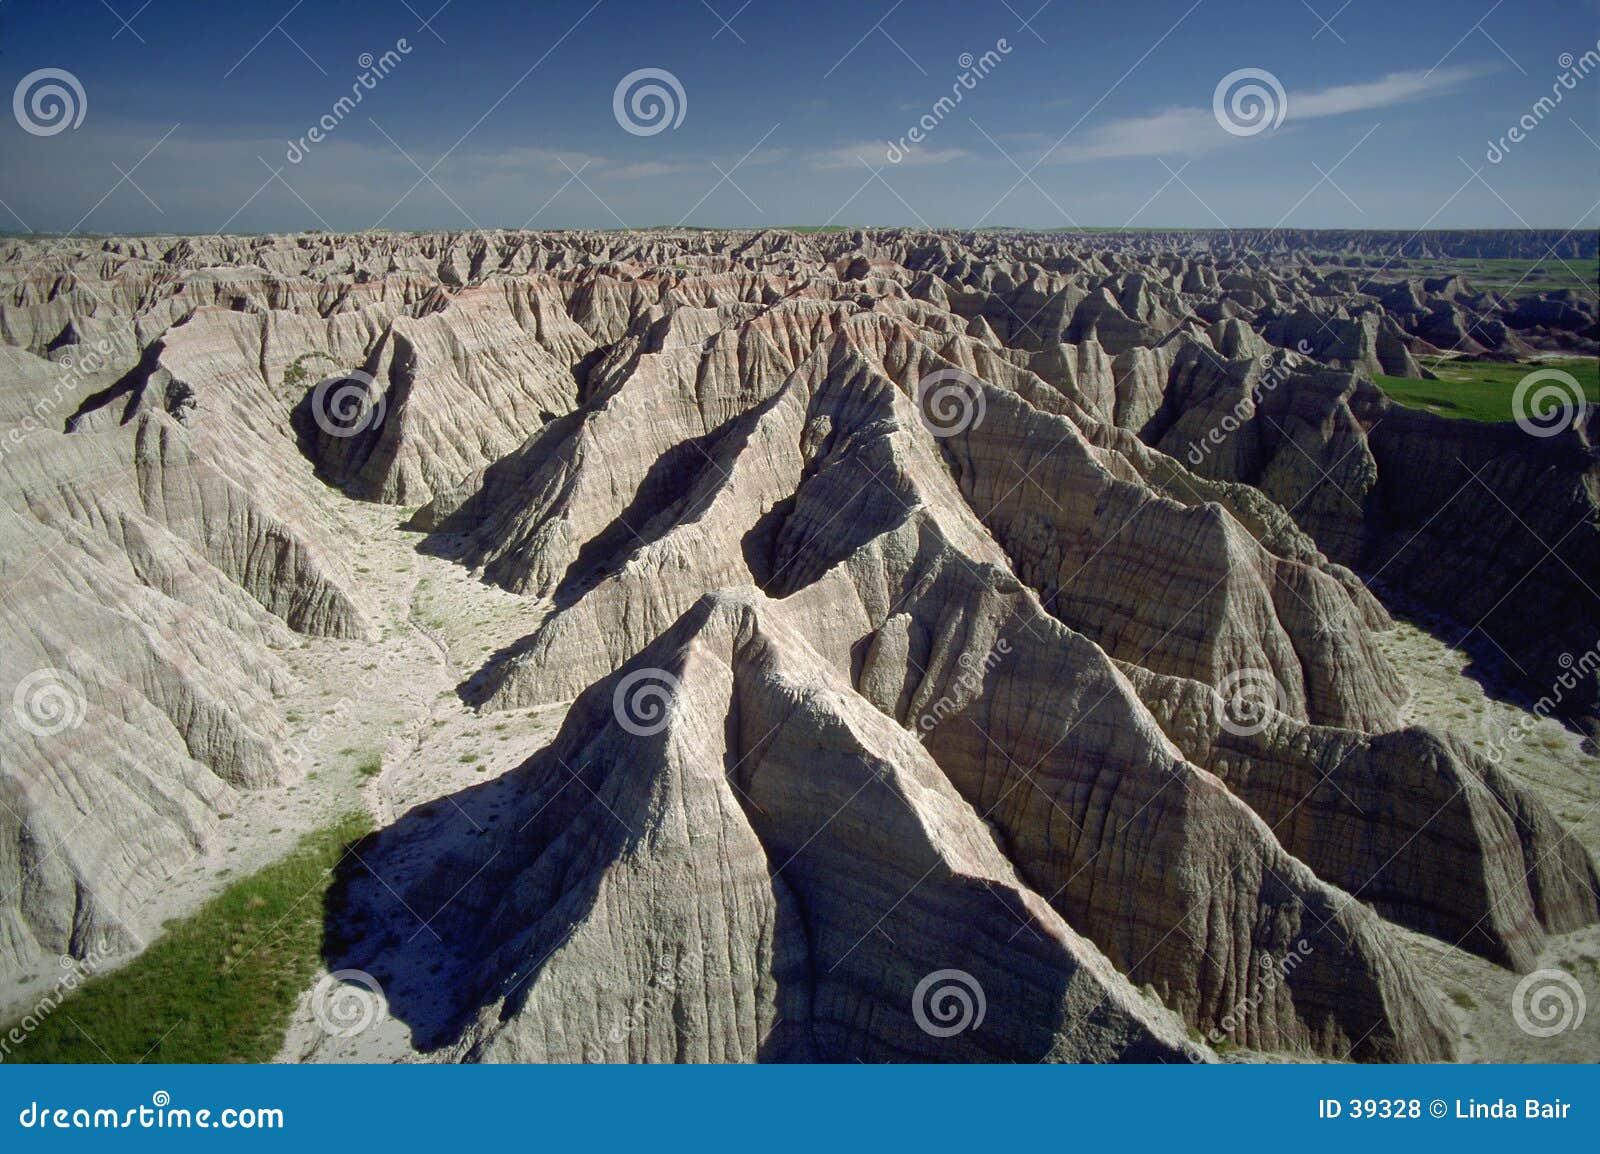 Badlands of South Dakota, Aerial